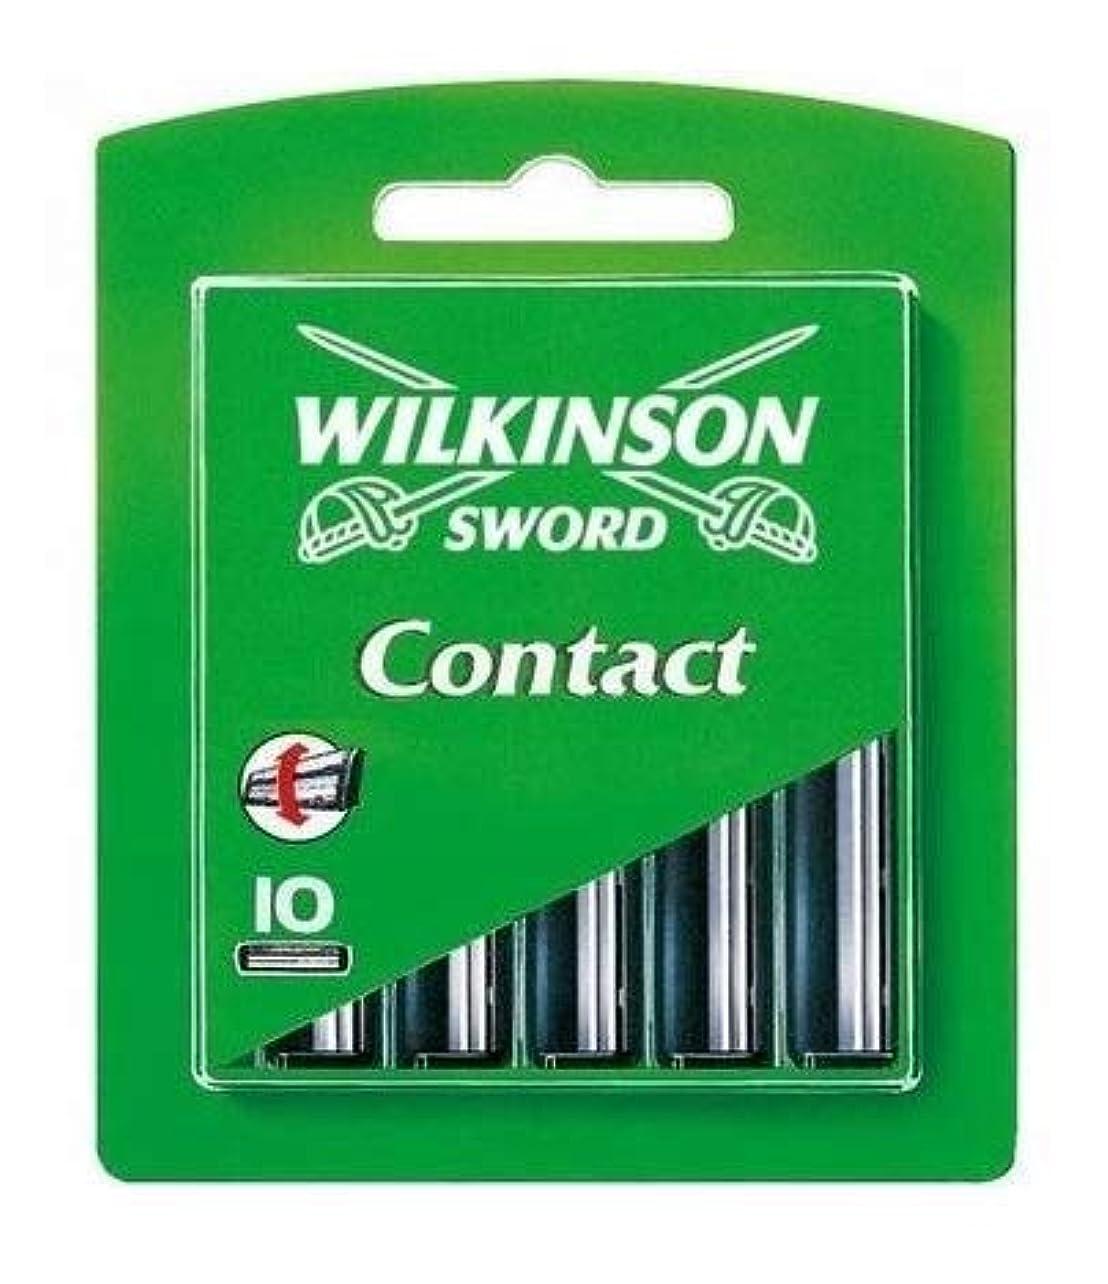 スピリチュアル上下する炭素Wilkinson Sword ウィルキンソンの剣(ゾーリンゲン) 専用替刃 シック スーパーII プラスV、シック ウルトラ プラスV替刃、ジレットアクタスプラス、との互換性 - 40個 (4 x 10) [海外直送品] [並行輸入品]